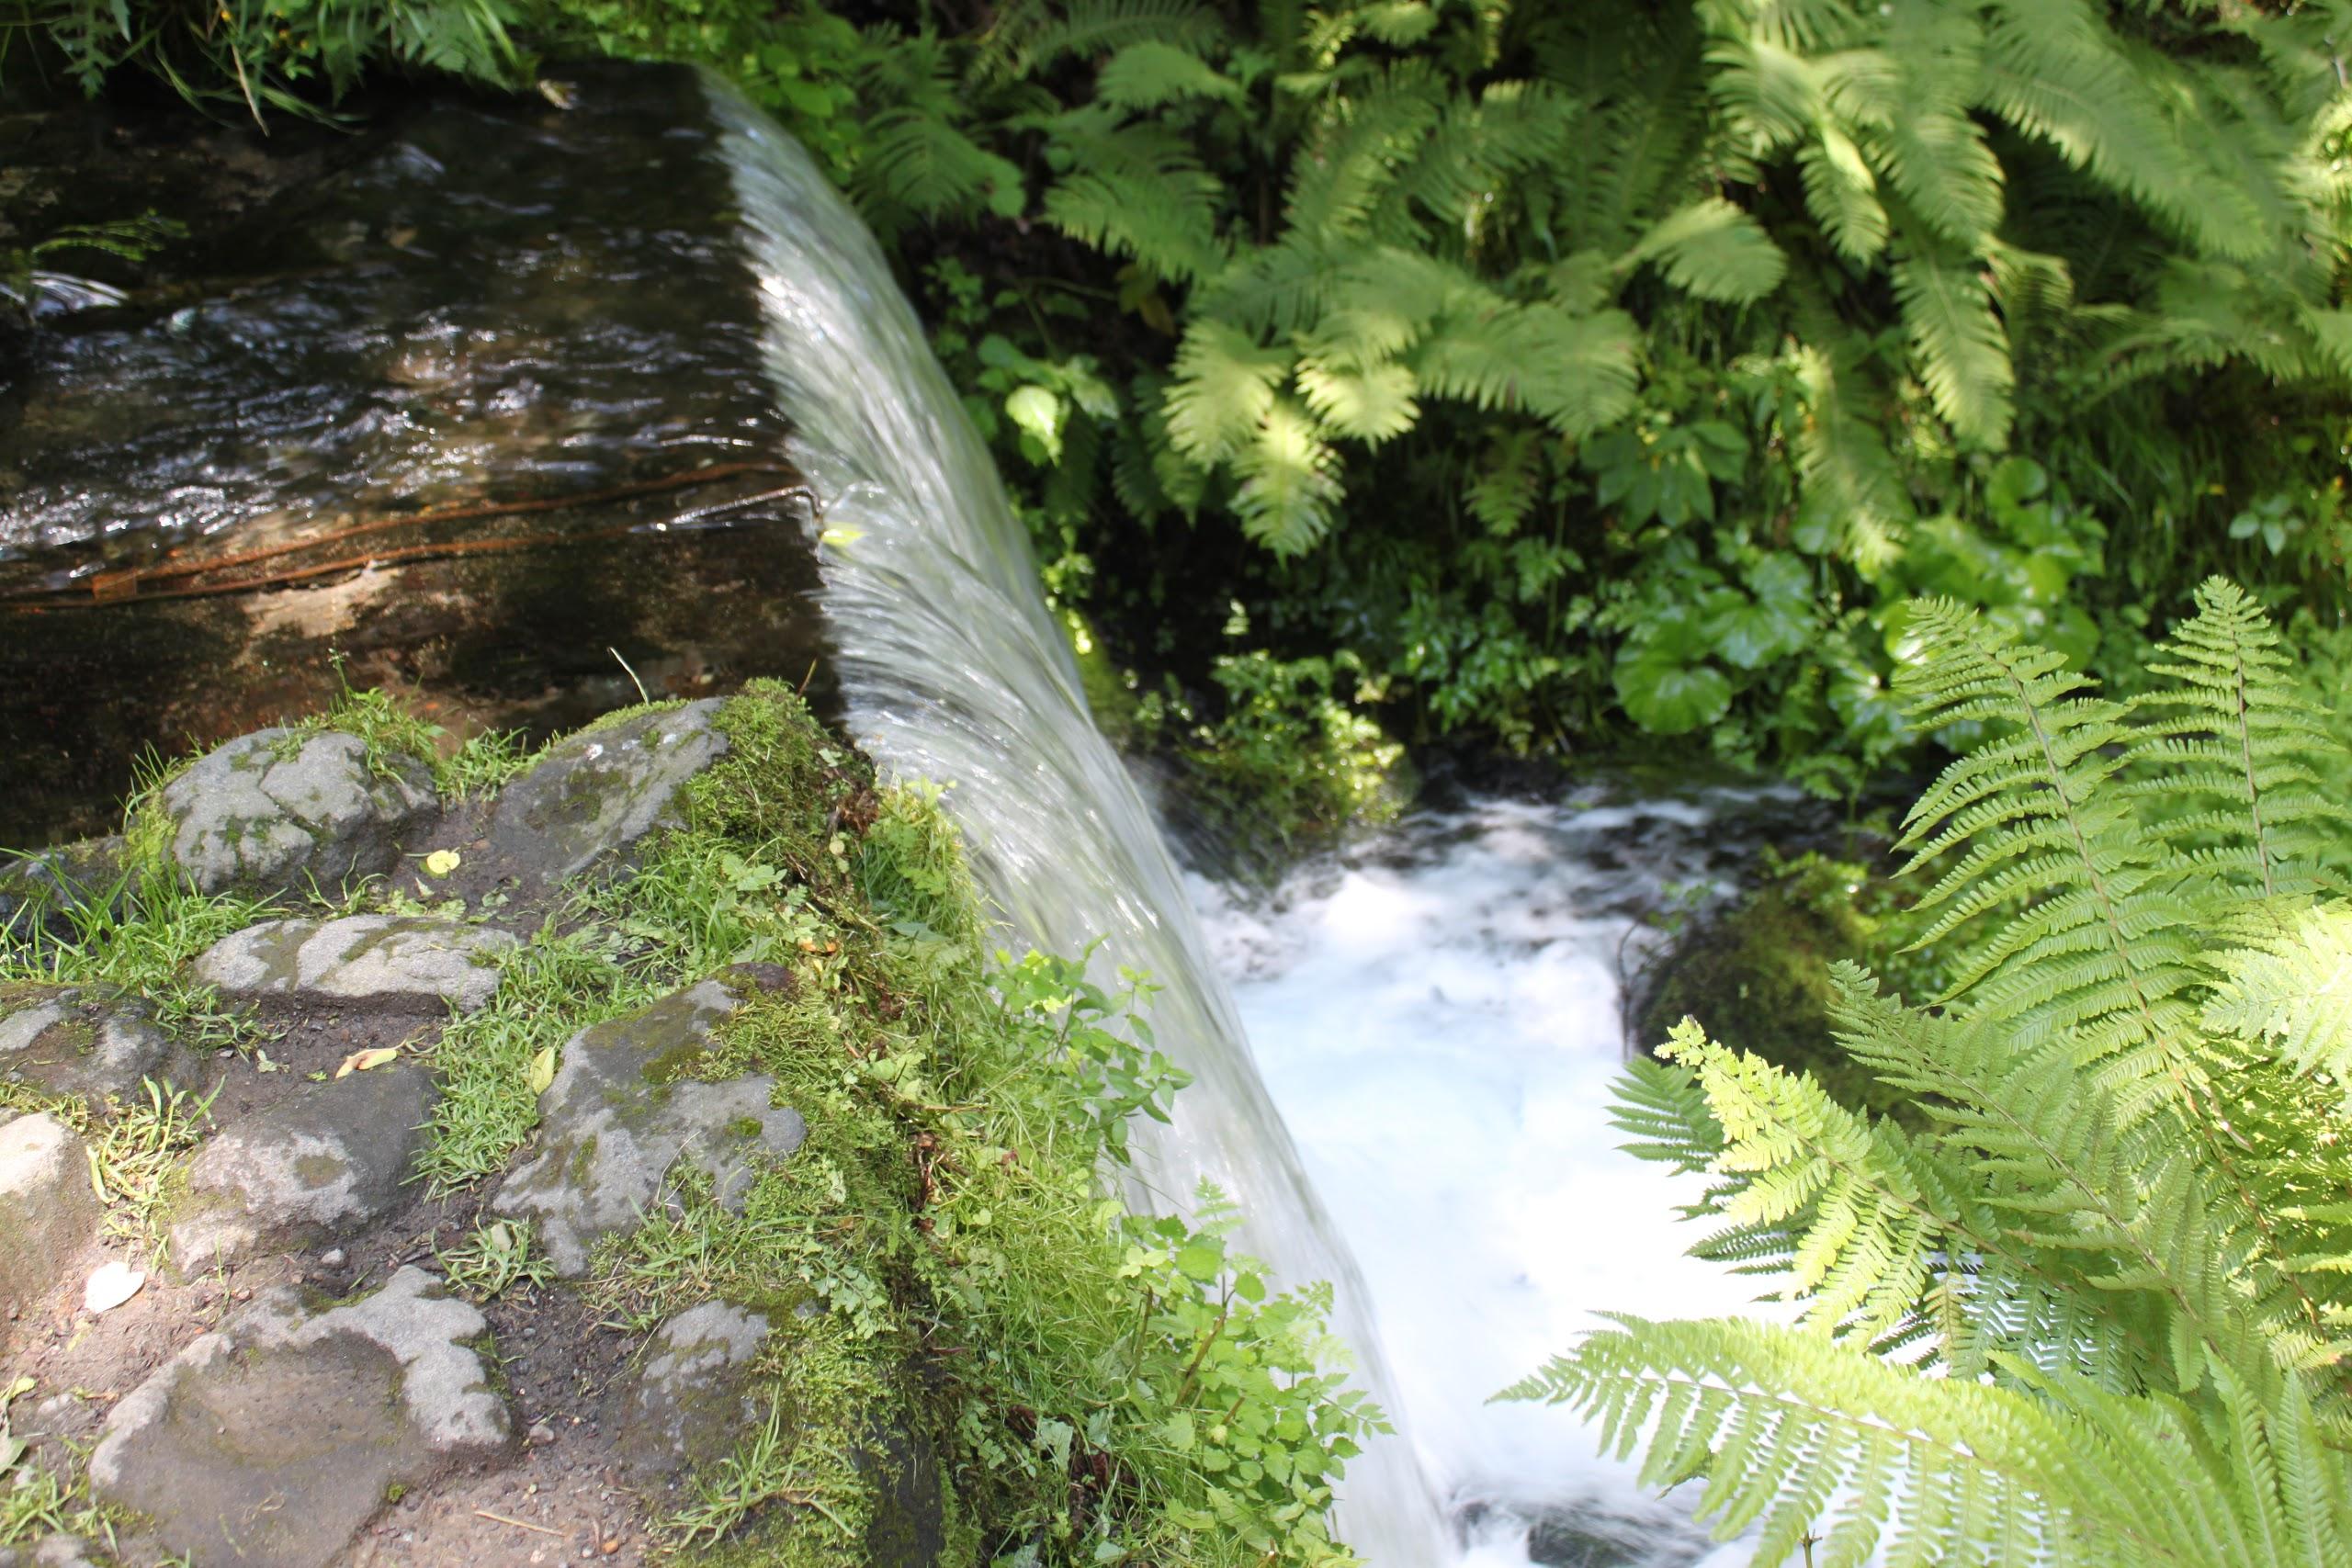 白糸の滝②VLFUSbtOY4jILtZaEfgwagTU8mNXScgU0VJdycCaoj_FlYwOVOnhJOXO02eKt7HBCvdydcn_=w2560-h2560-rw